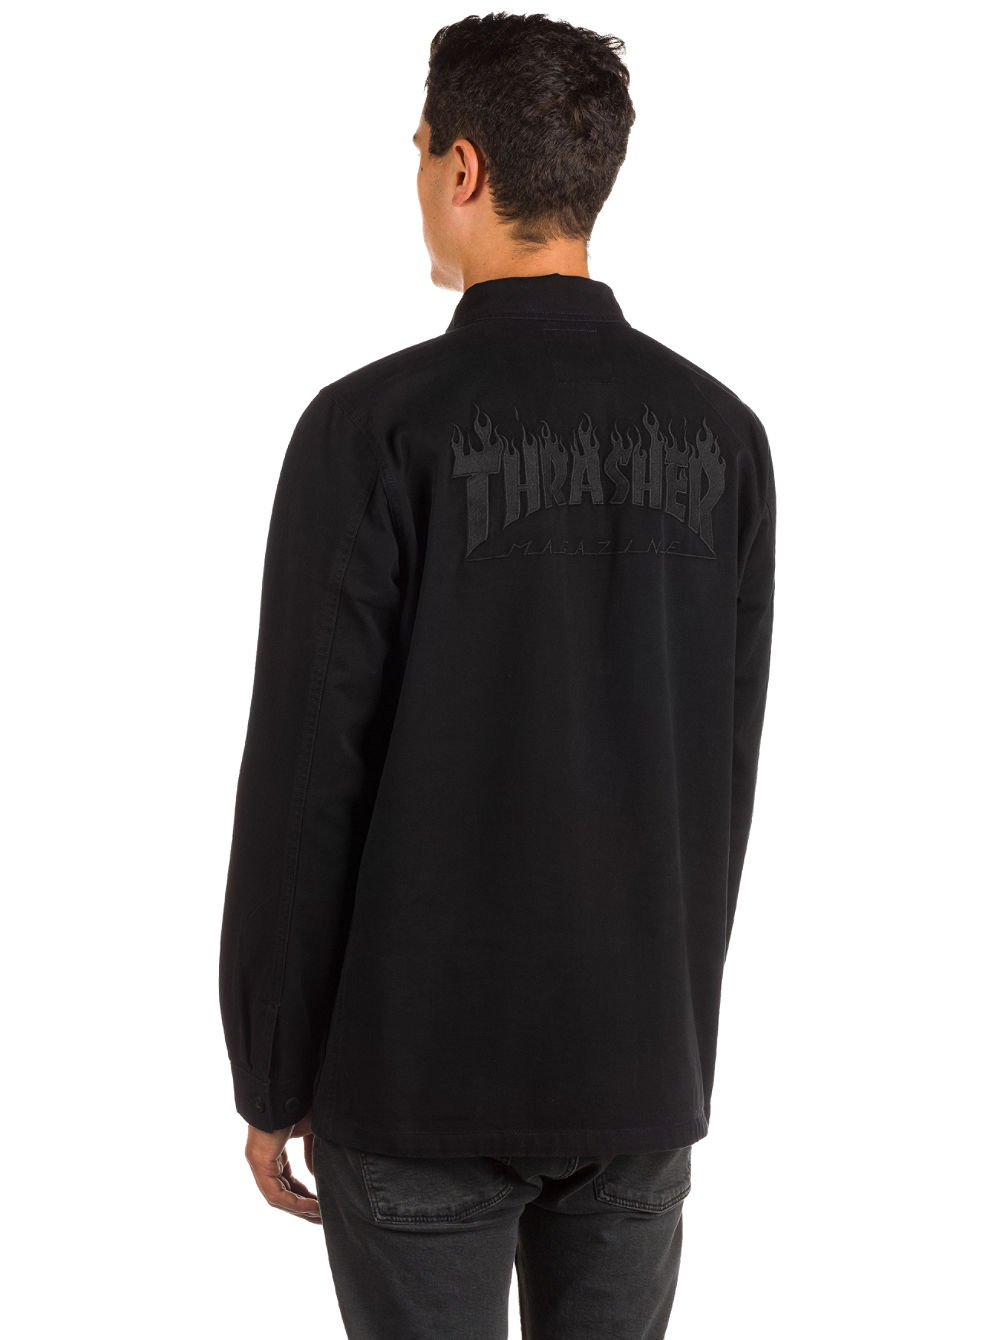 190d95bd824 Buy Vans X Thrasher M65 Jacket online at blue-tomato.com